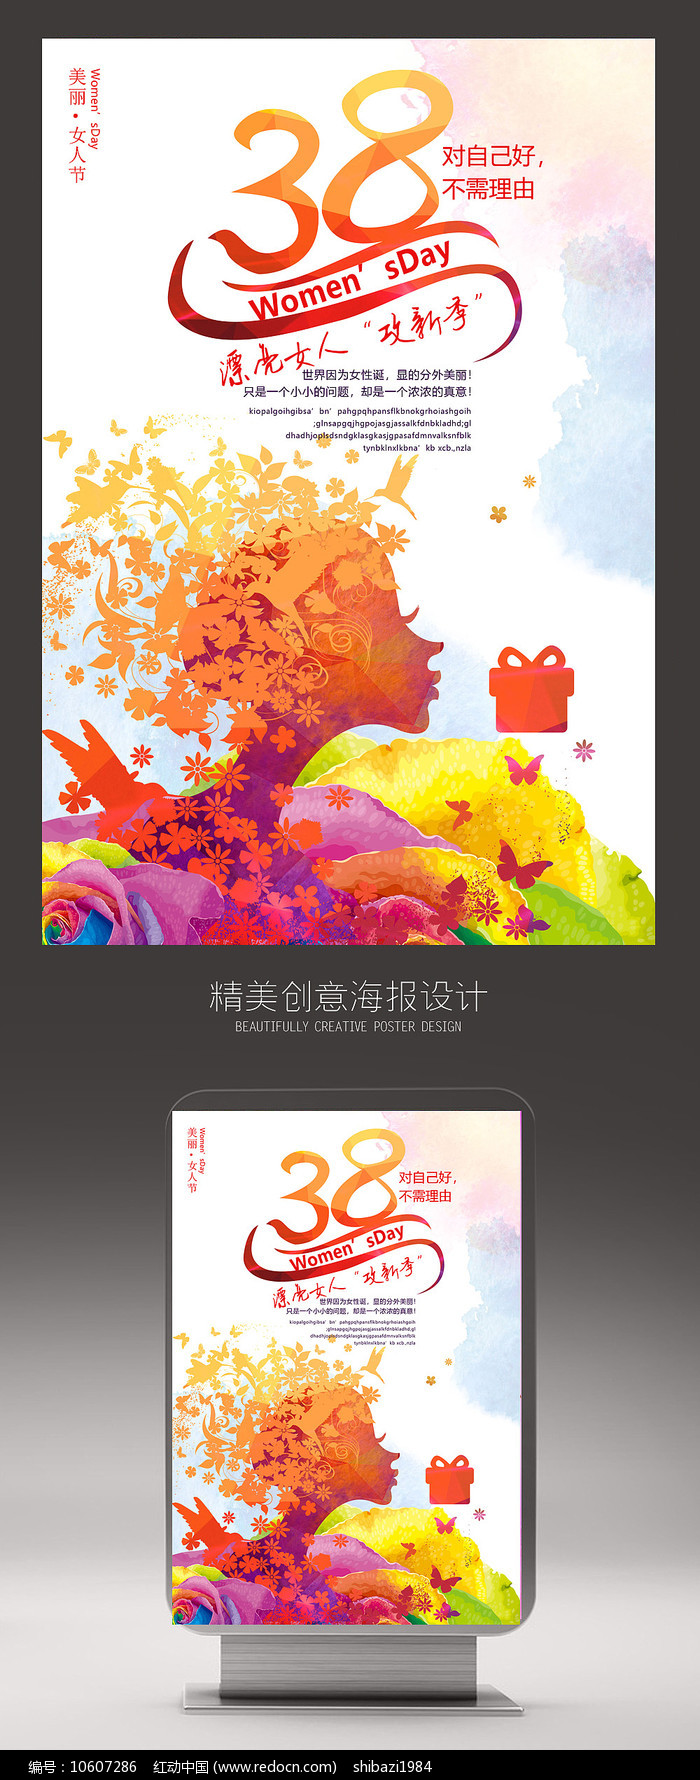 创意女神节38妇女节促销海报图片